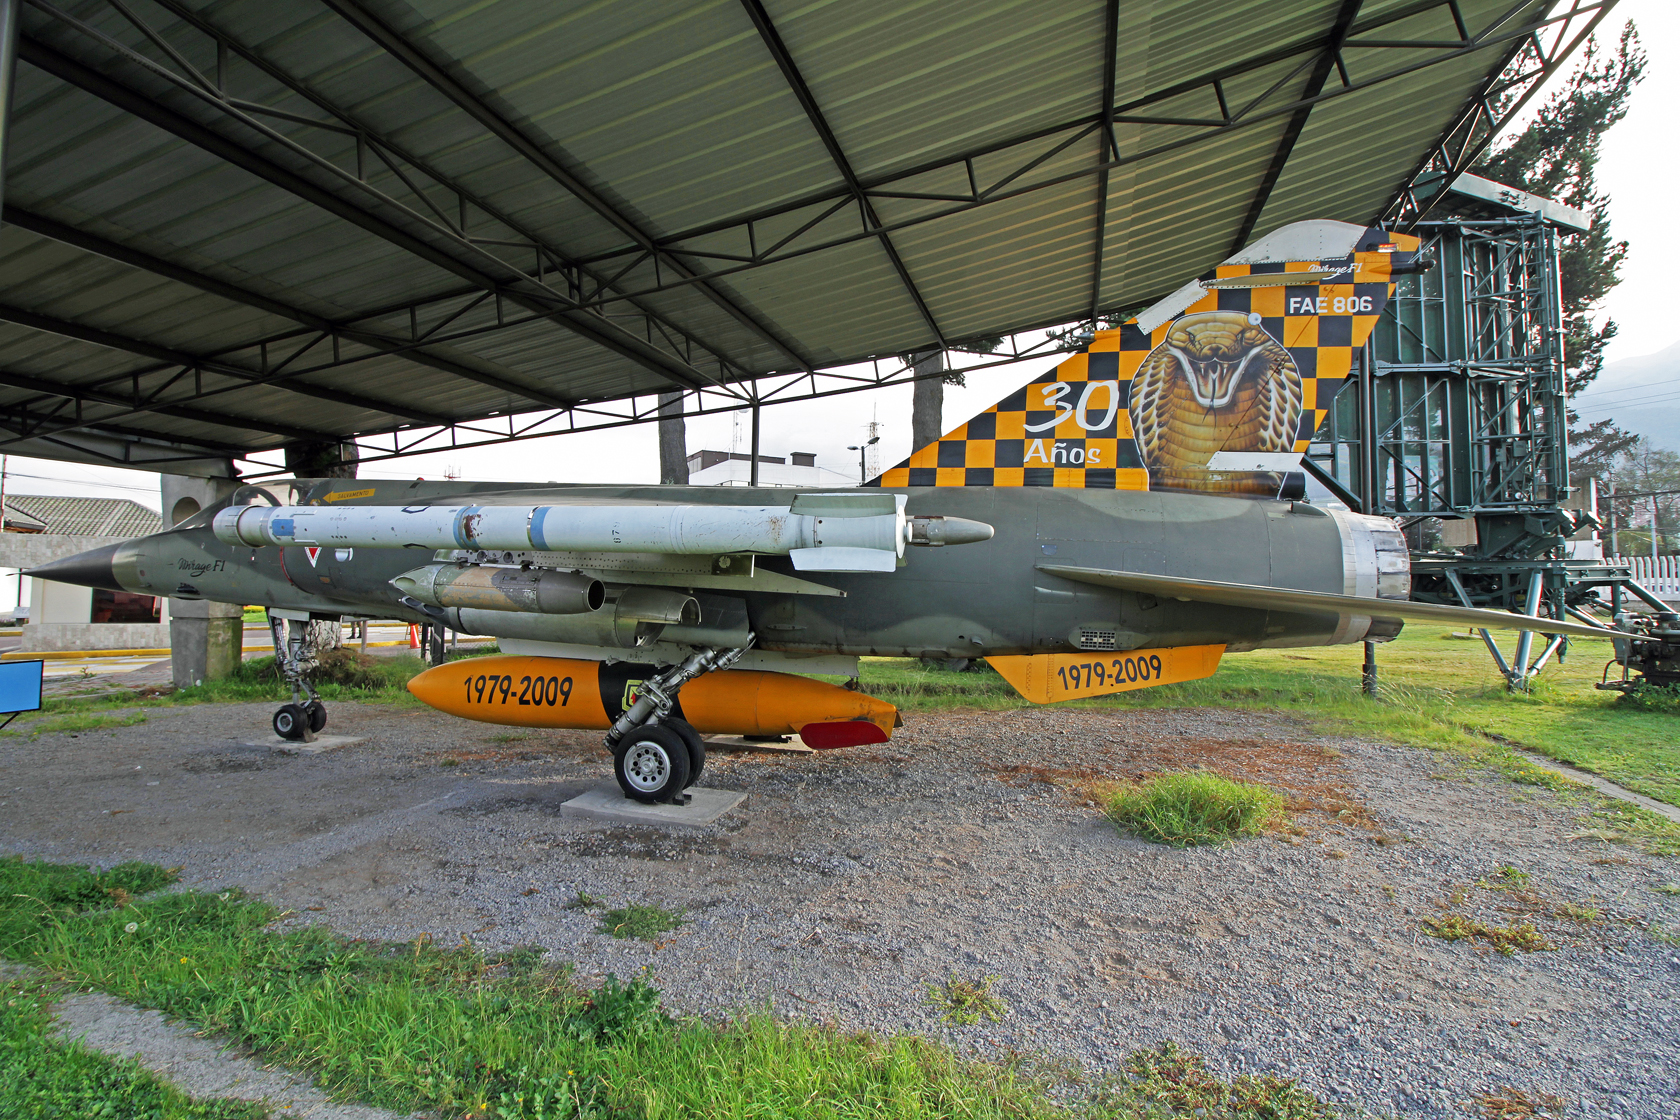 """Fuerza Aérea Ecuatoriana Dassault Mirage F.1JA FAE-806 - Lackiert in der """"30 Jahre - 1979-2009"""" Sonderbemalung. Die 'FAE806' war eine von zwei FAE Mirages, die im Luftkampf gegen peruanische Su-22 am 10 February 1995 teilgenommen hat. Sie wurde an diesem"""